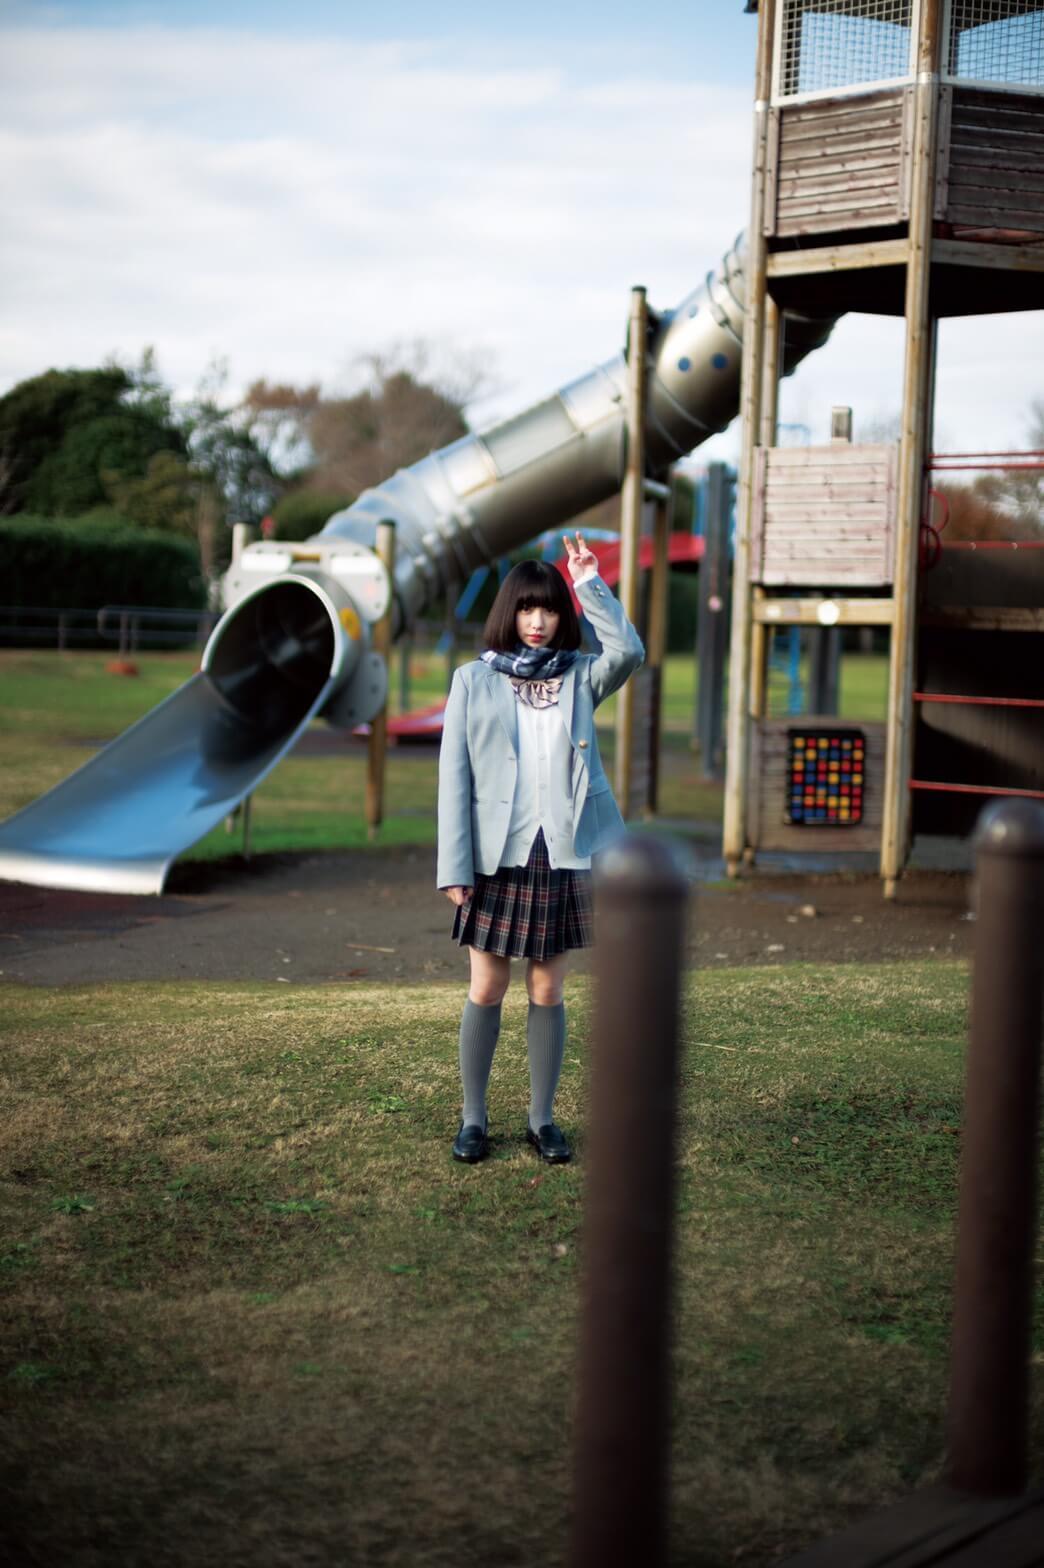 吉田凜音  リアル卒業ソング「#film 」マーシュ彩と共演のMV公開サムネイル画像